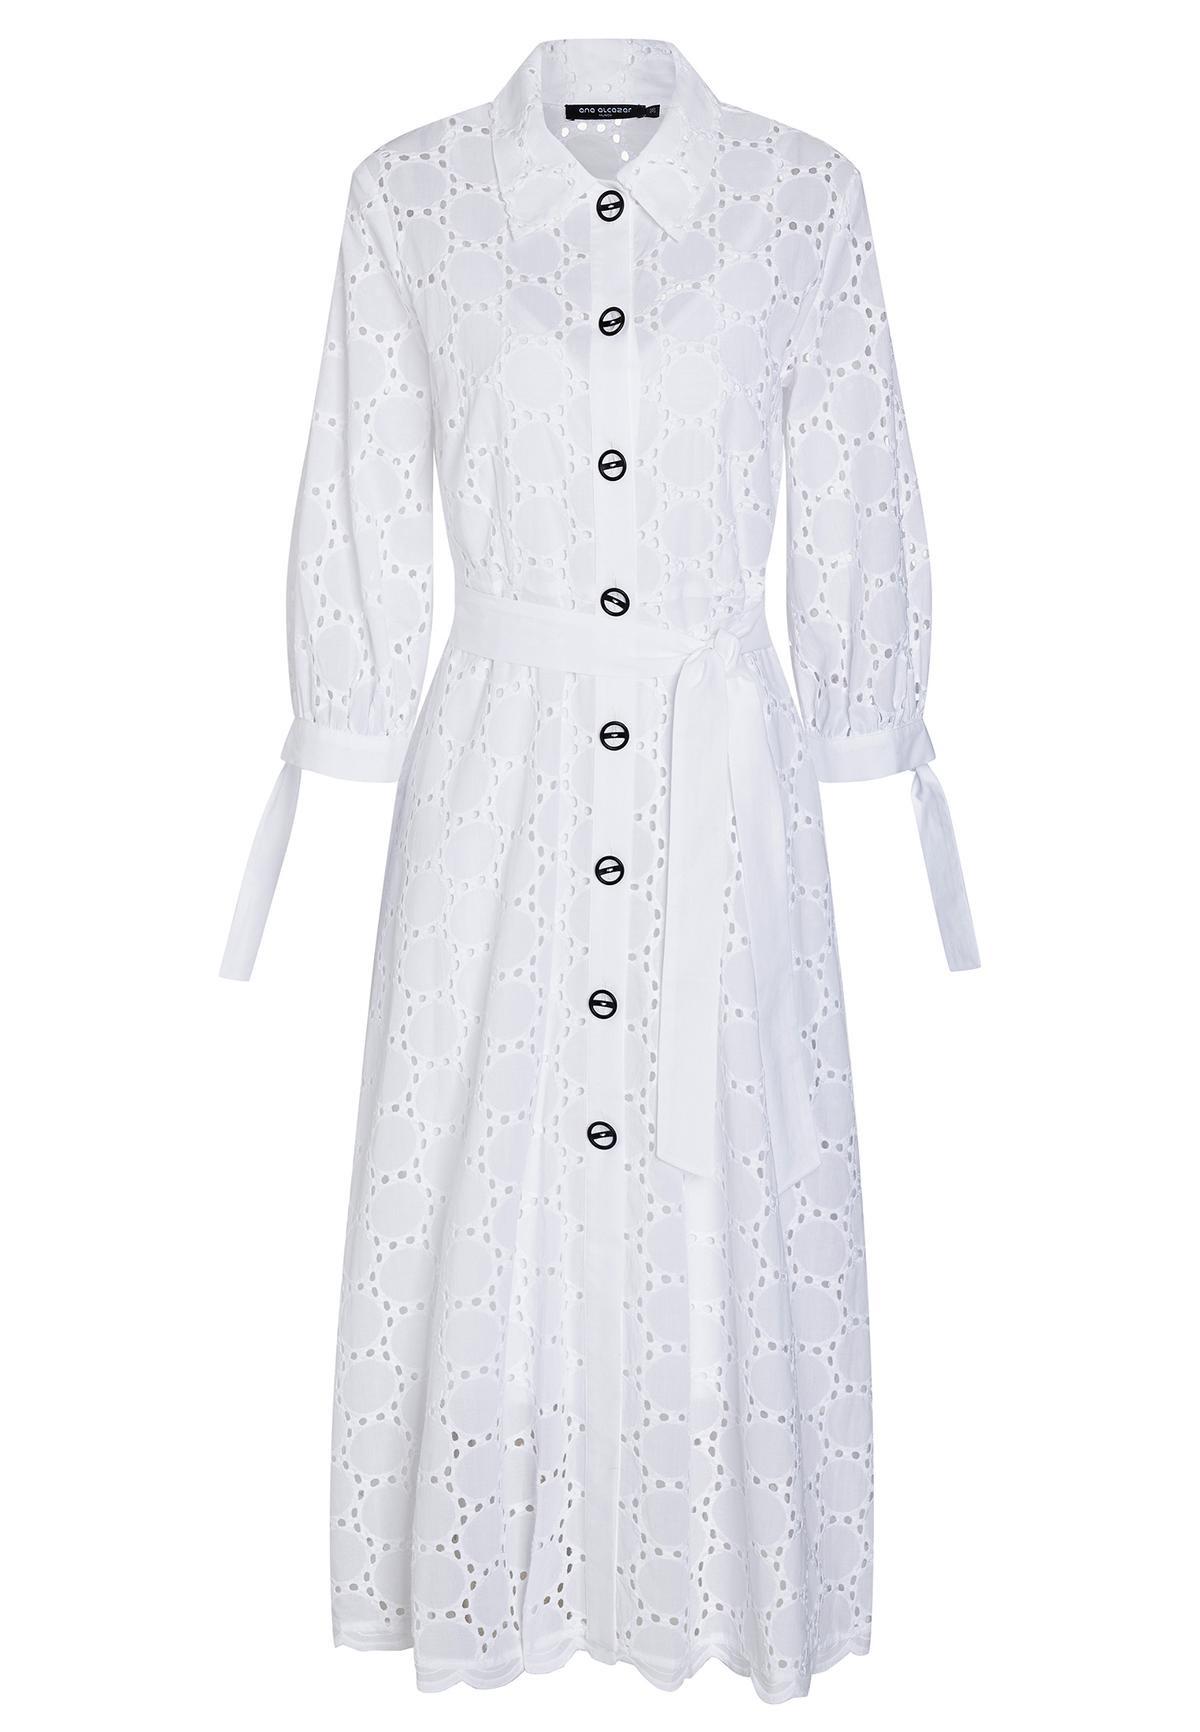 Weißes Blusenkleid Zekla Aus Lochspitze Mit Gürtel